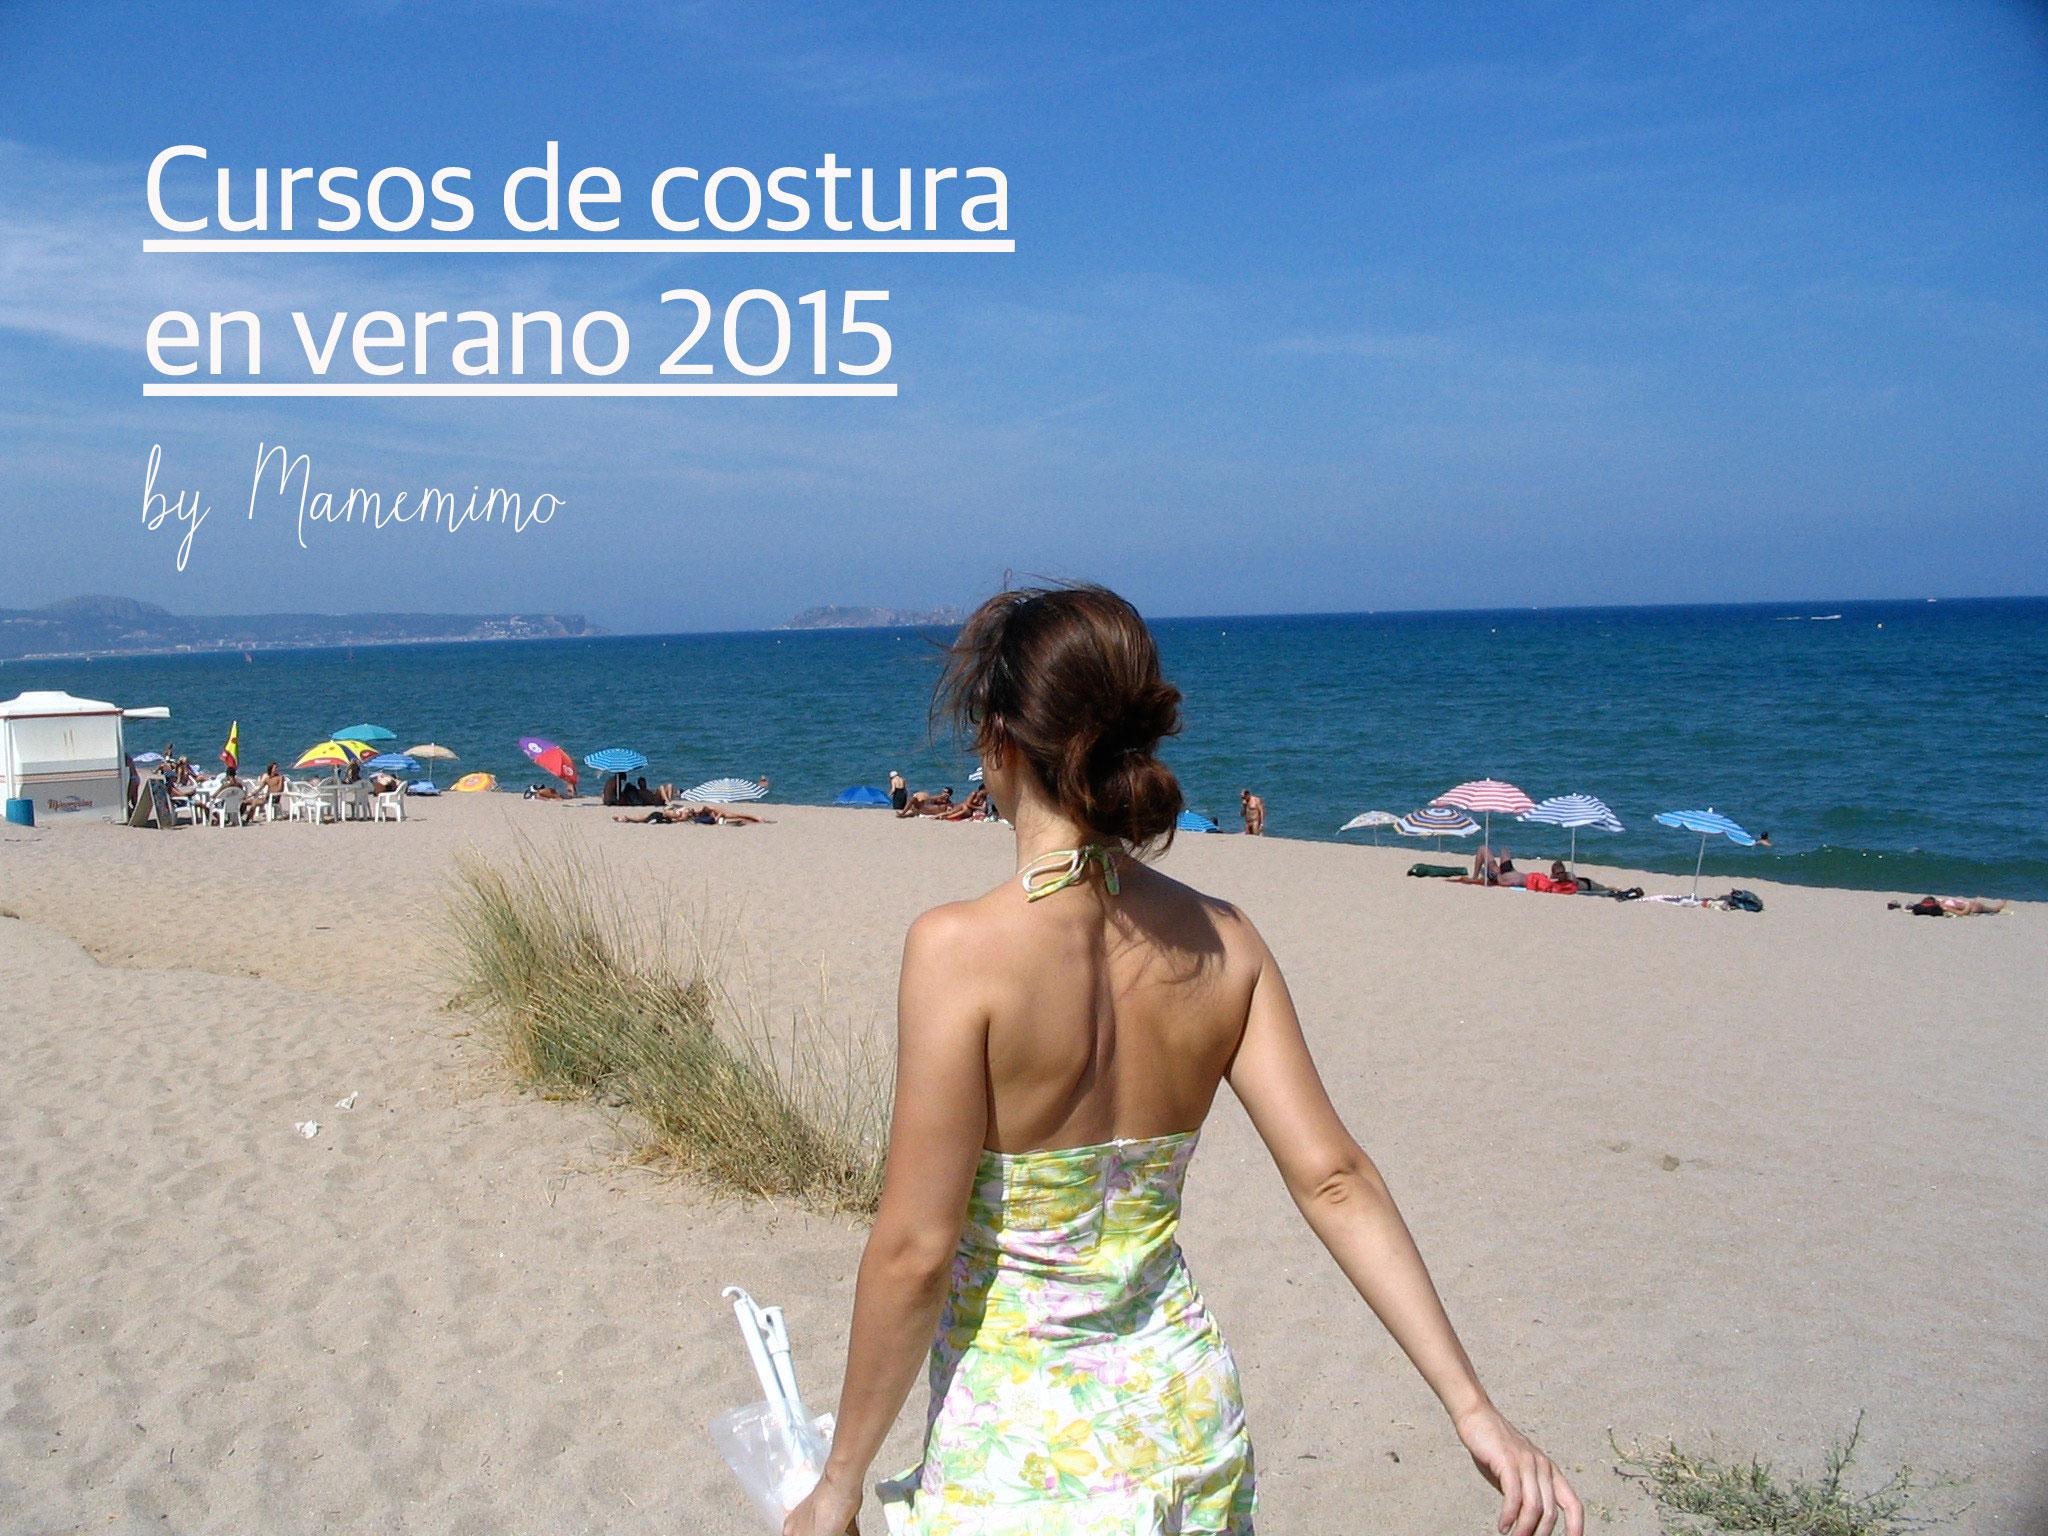 Cursos de Costura en Verano 2015